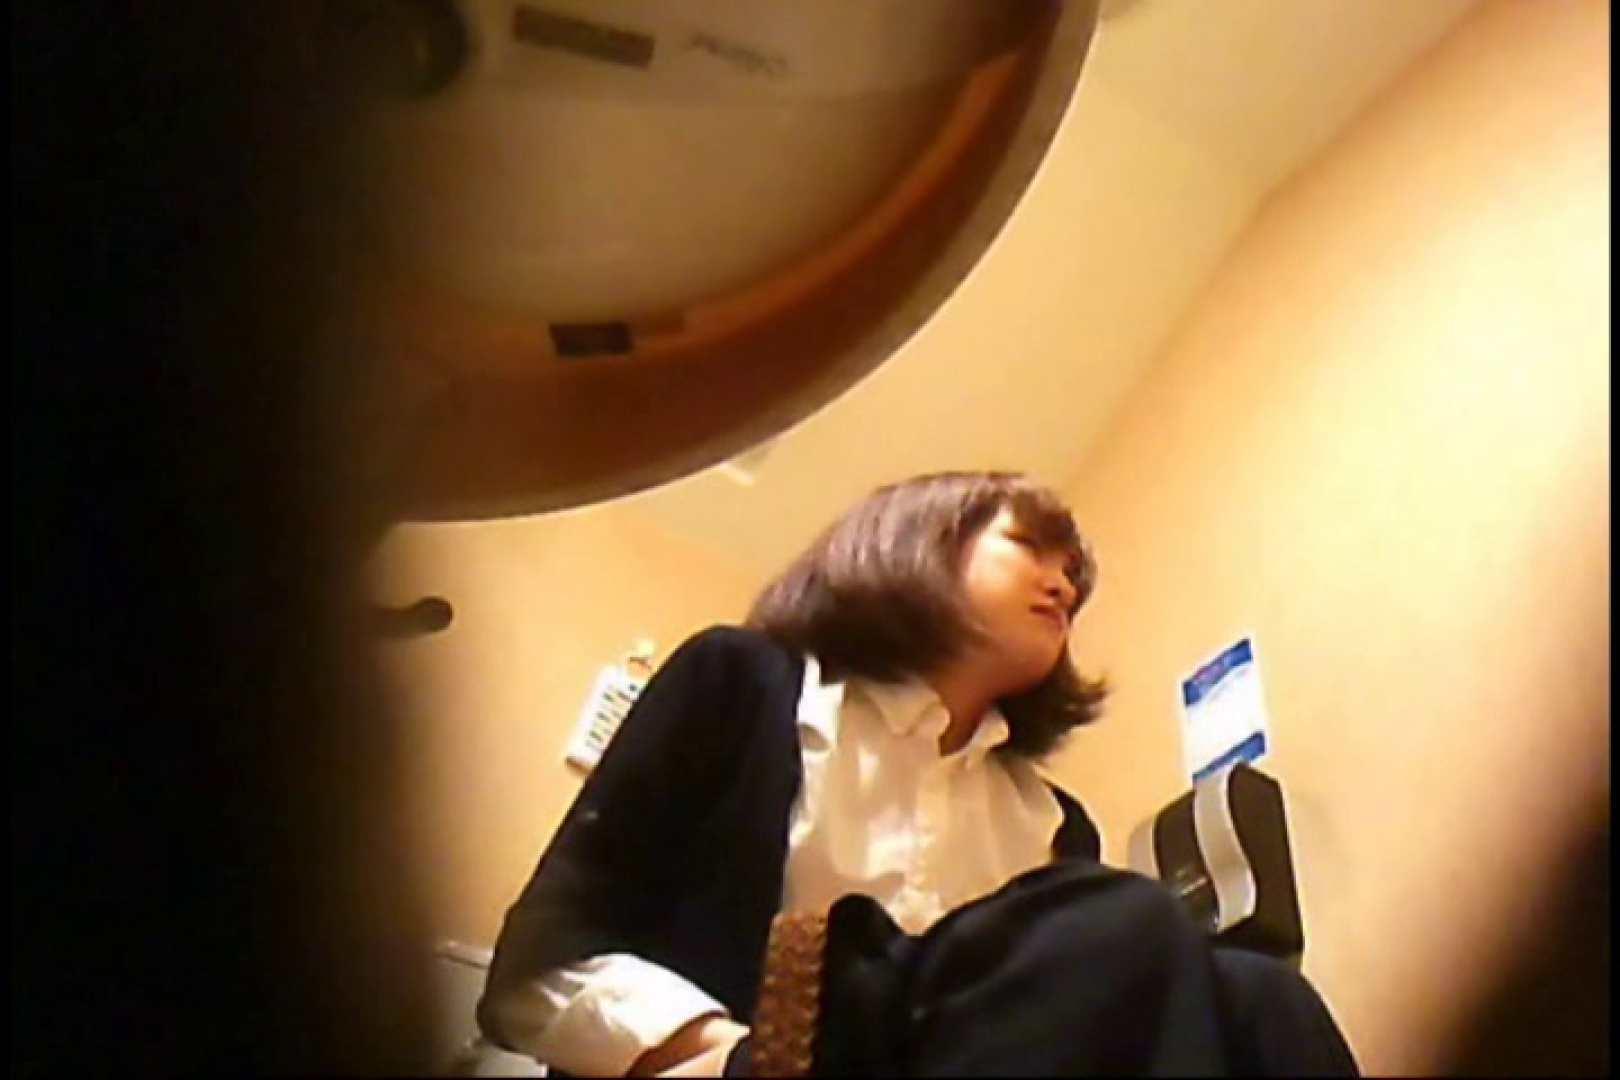 潜入!!女子化粧室盗撮~絶対見られたくない時間~vo,42 潜入突撃 SEX無修正画像 91pic 2